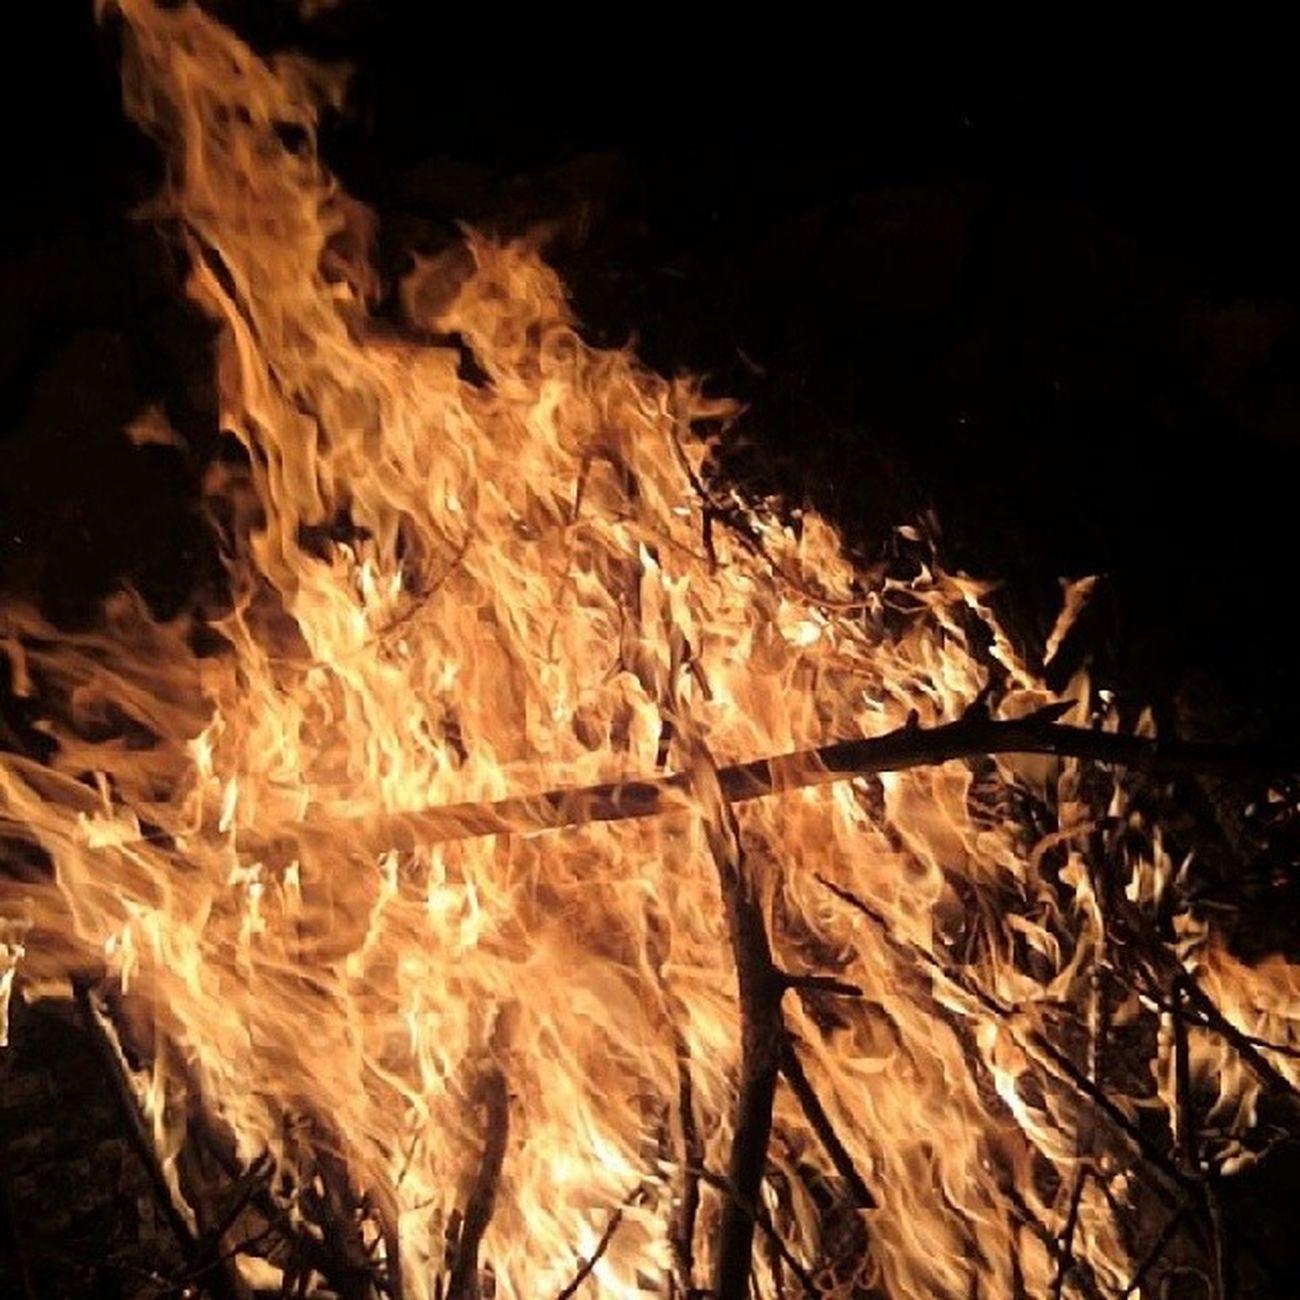 Geiler Abend Mit Euch lässig feuer angeschmissen bisschen viel gesüffelt bestoftheday